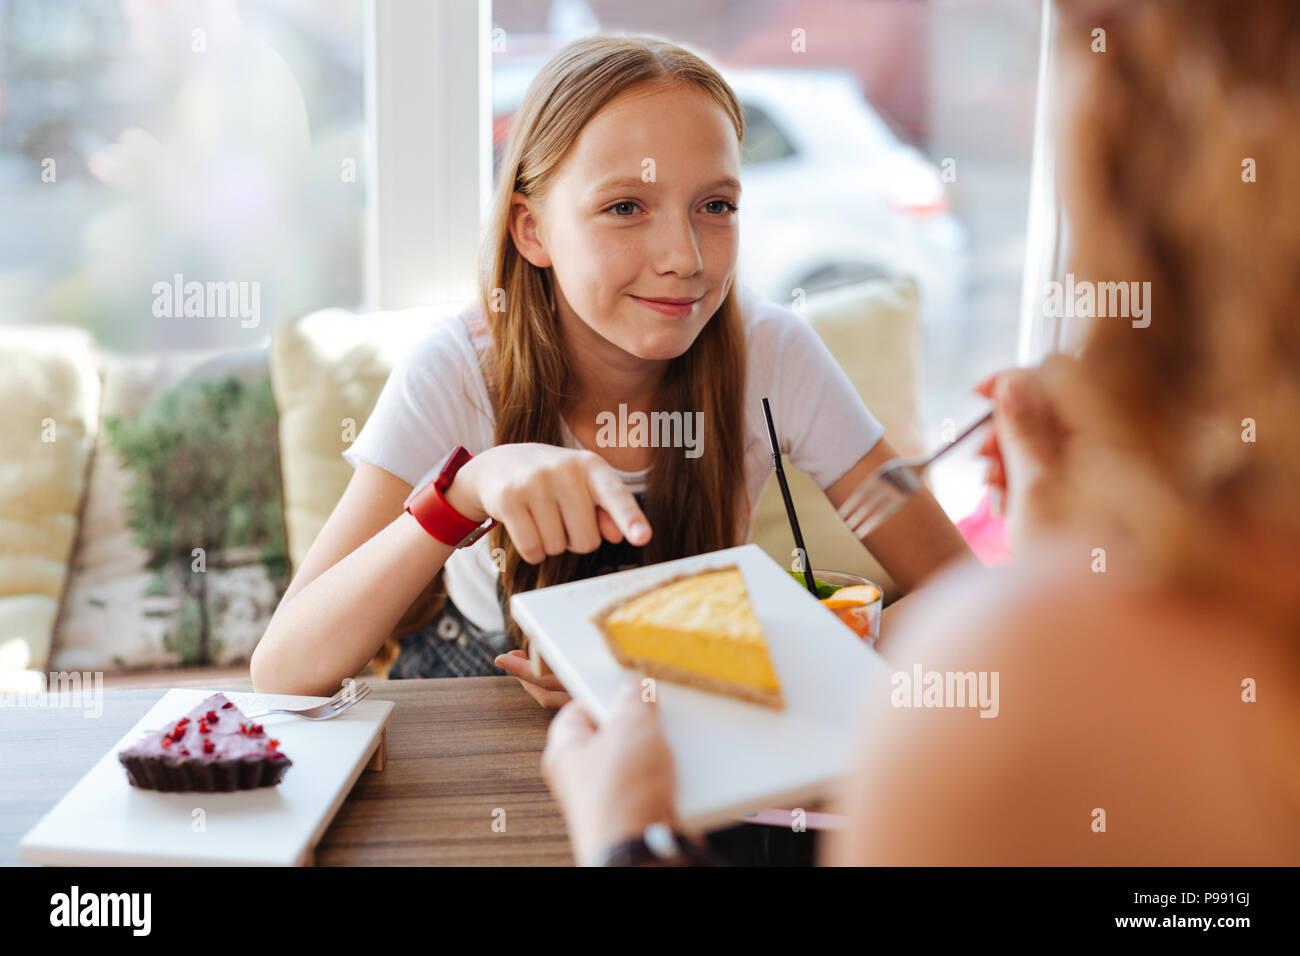 Rubio colegiala comiendo postres con madre Foto de stock